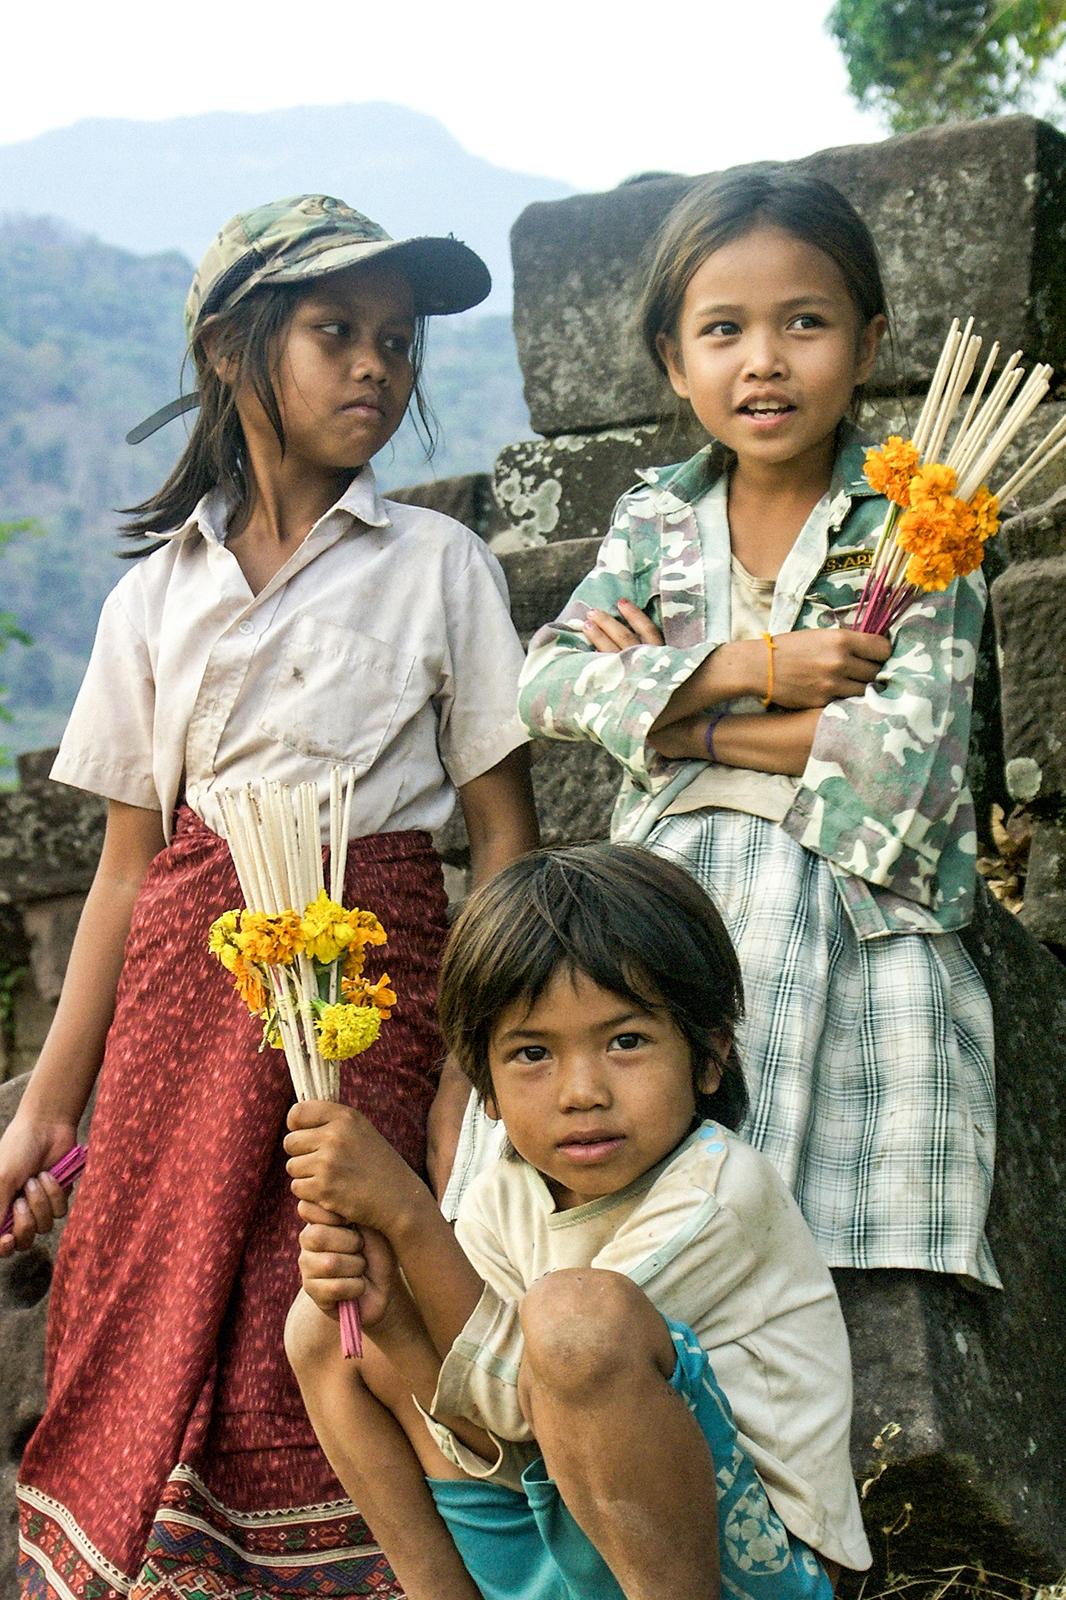 Laos 2004